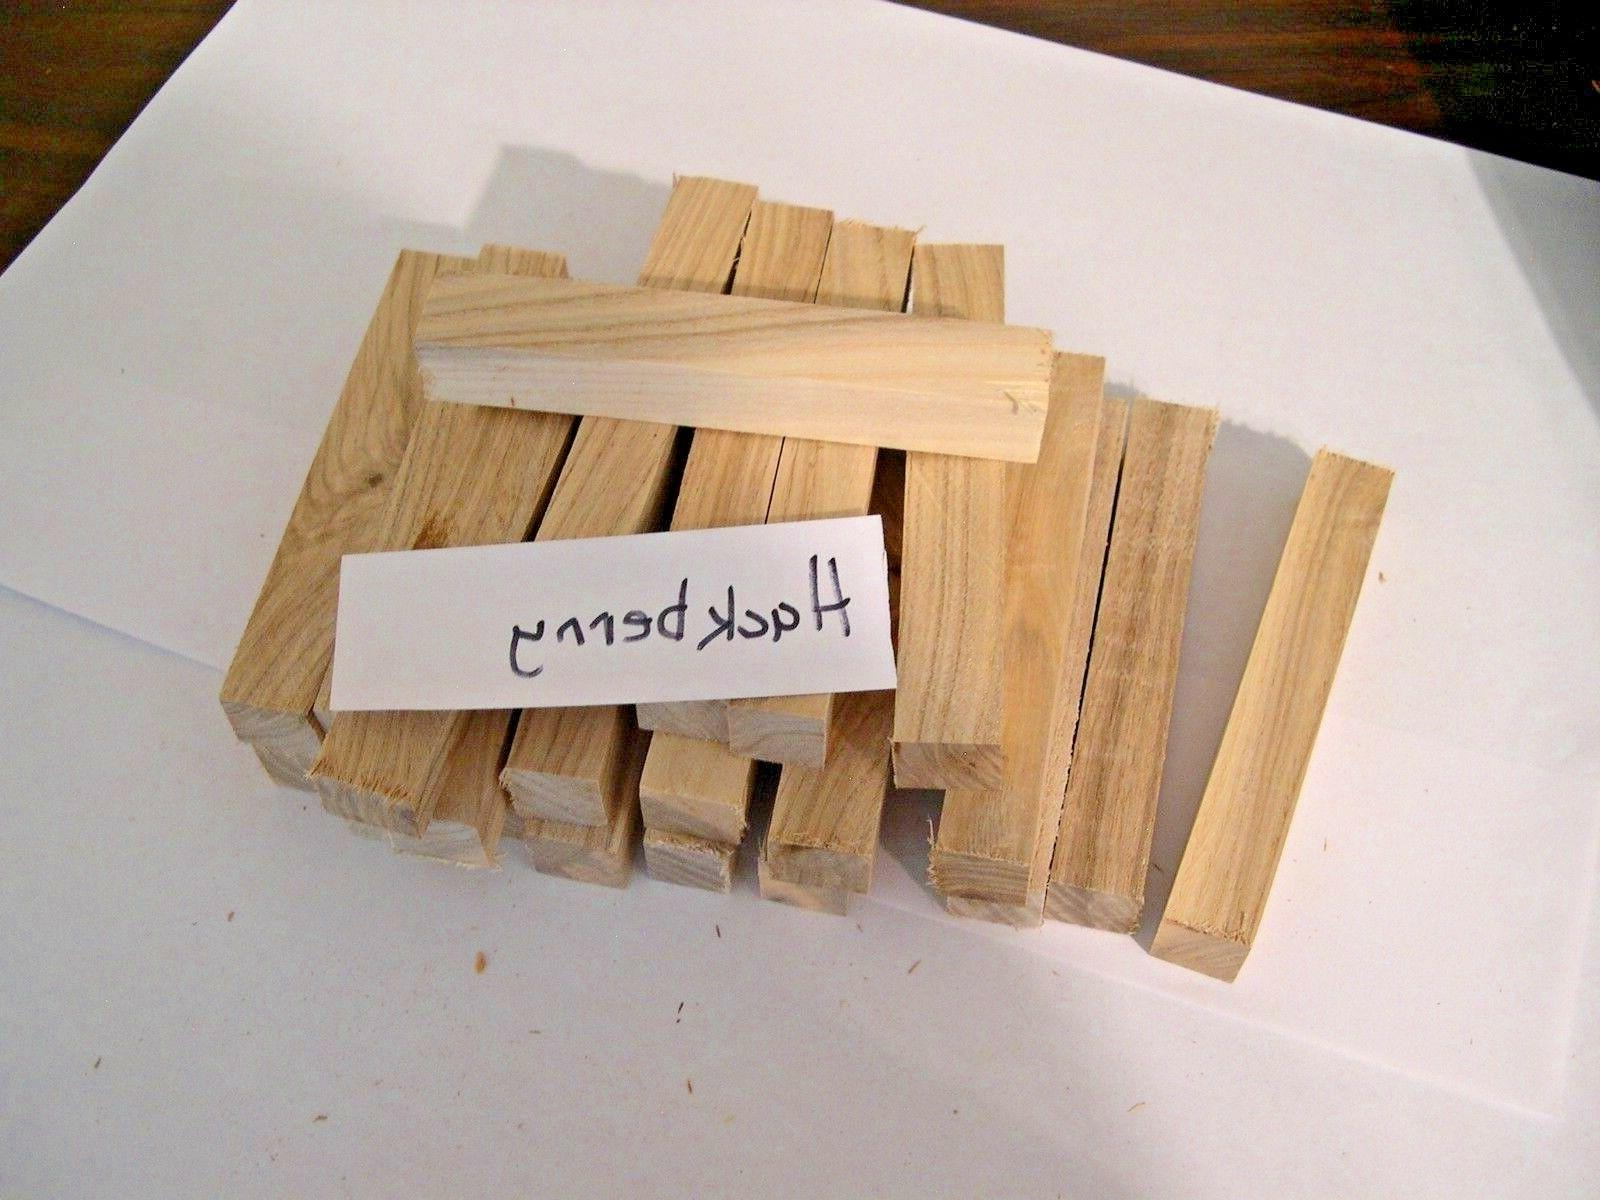 154 Wood Blanks 11 species